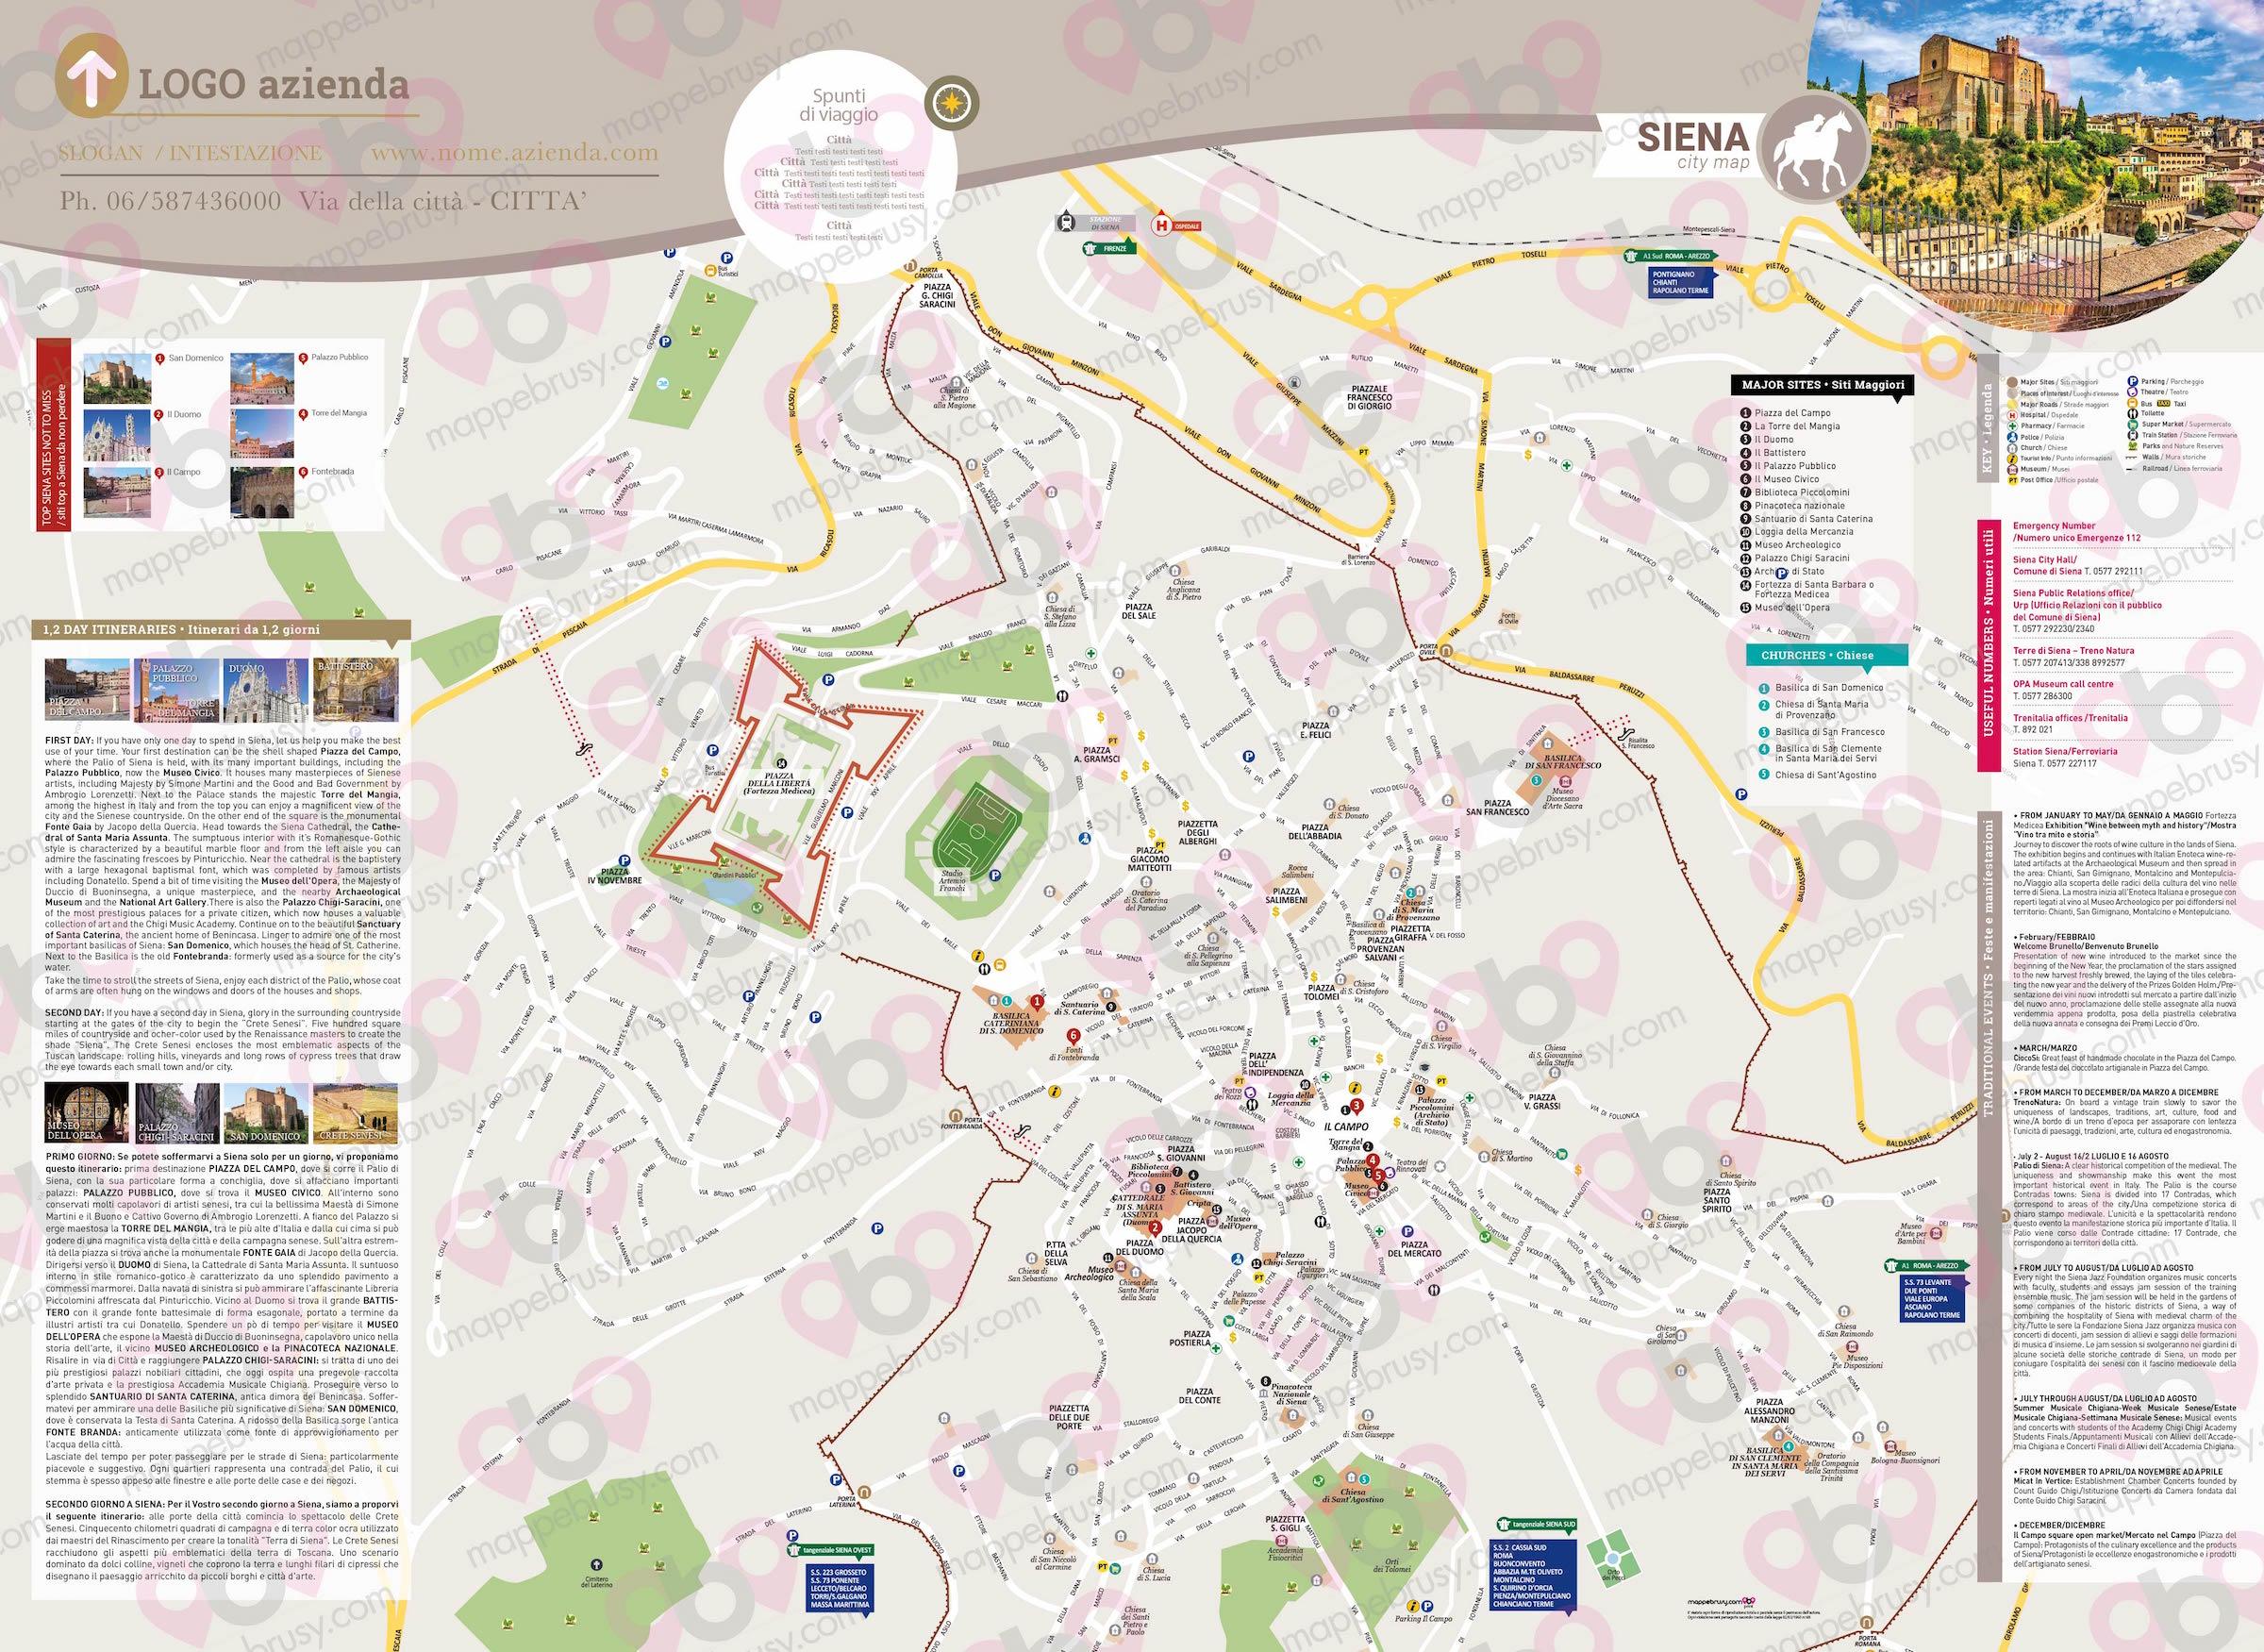 Centro Storico Cartina Geografica Roma.Siena Mappe Brusy